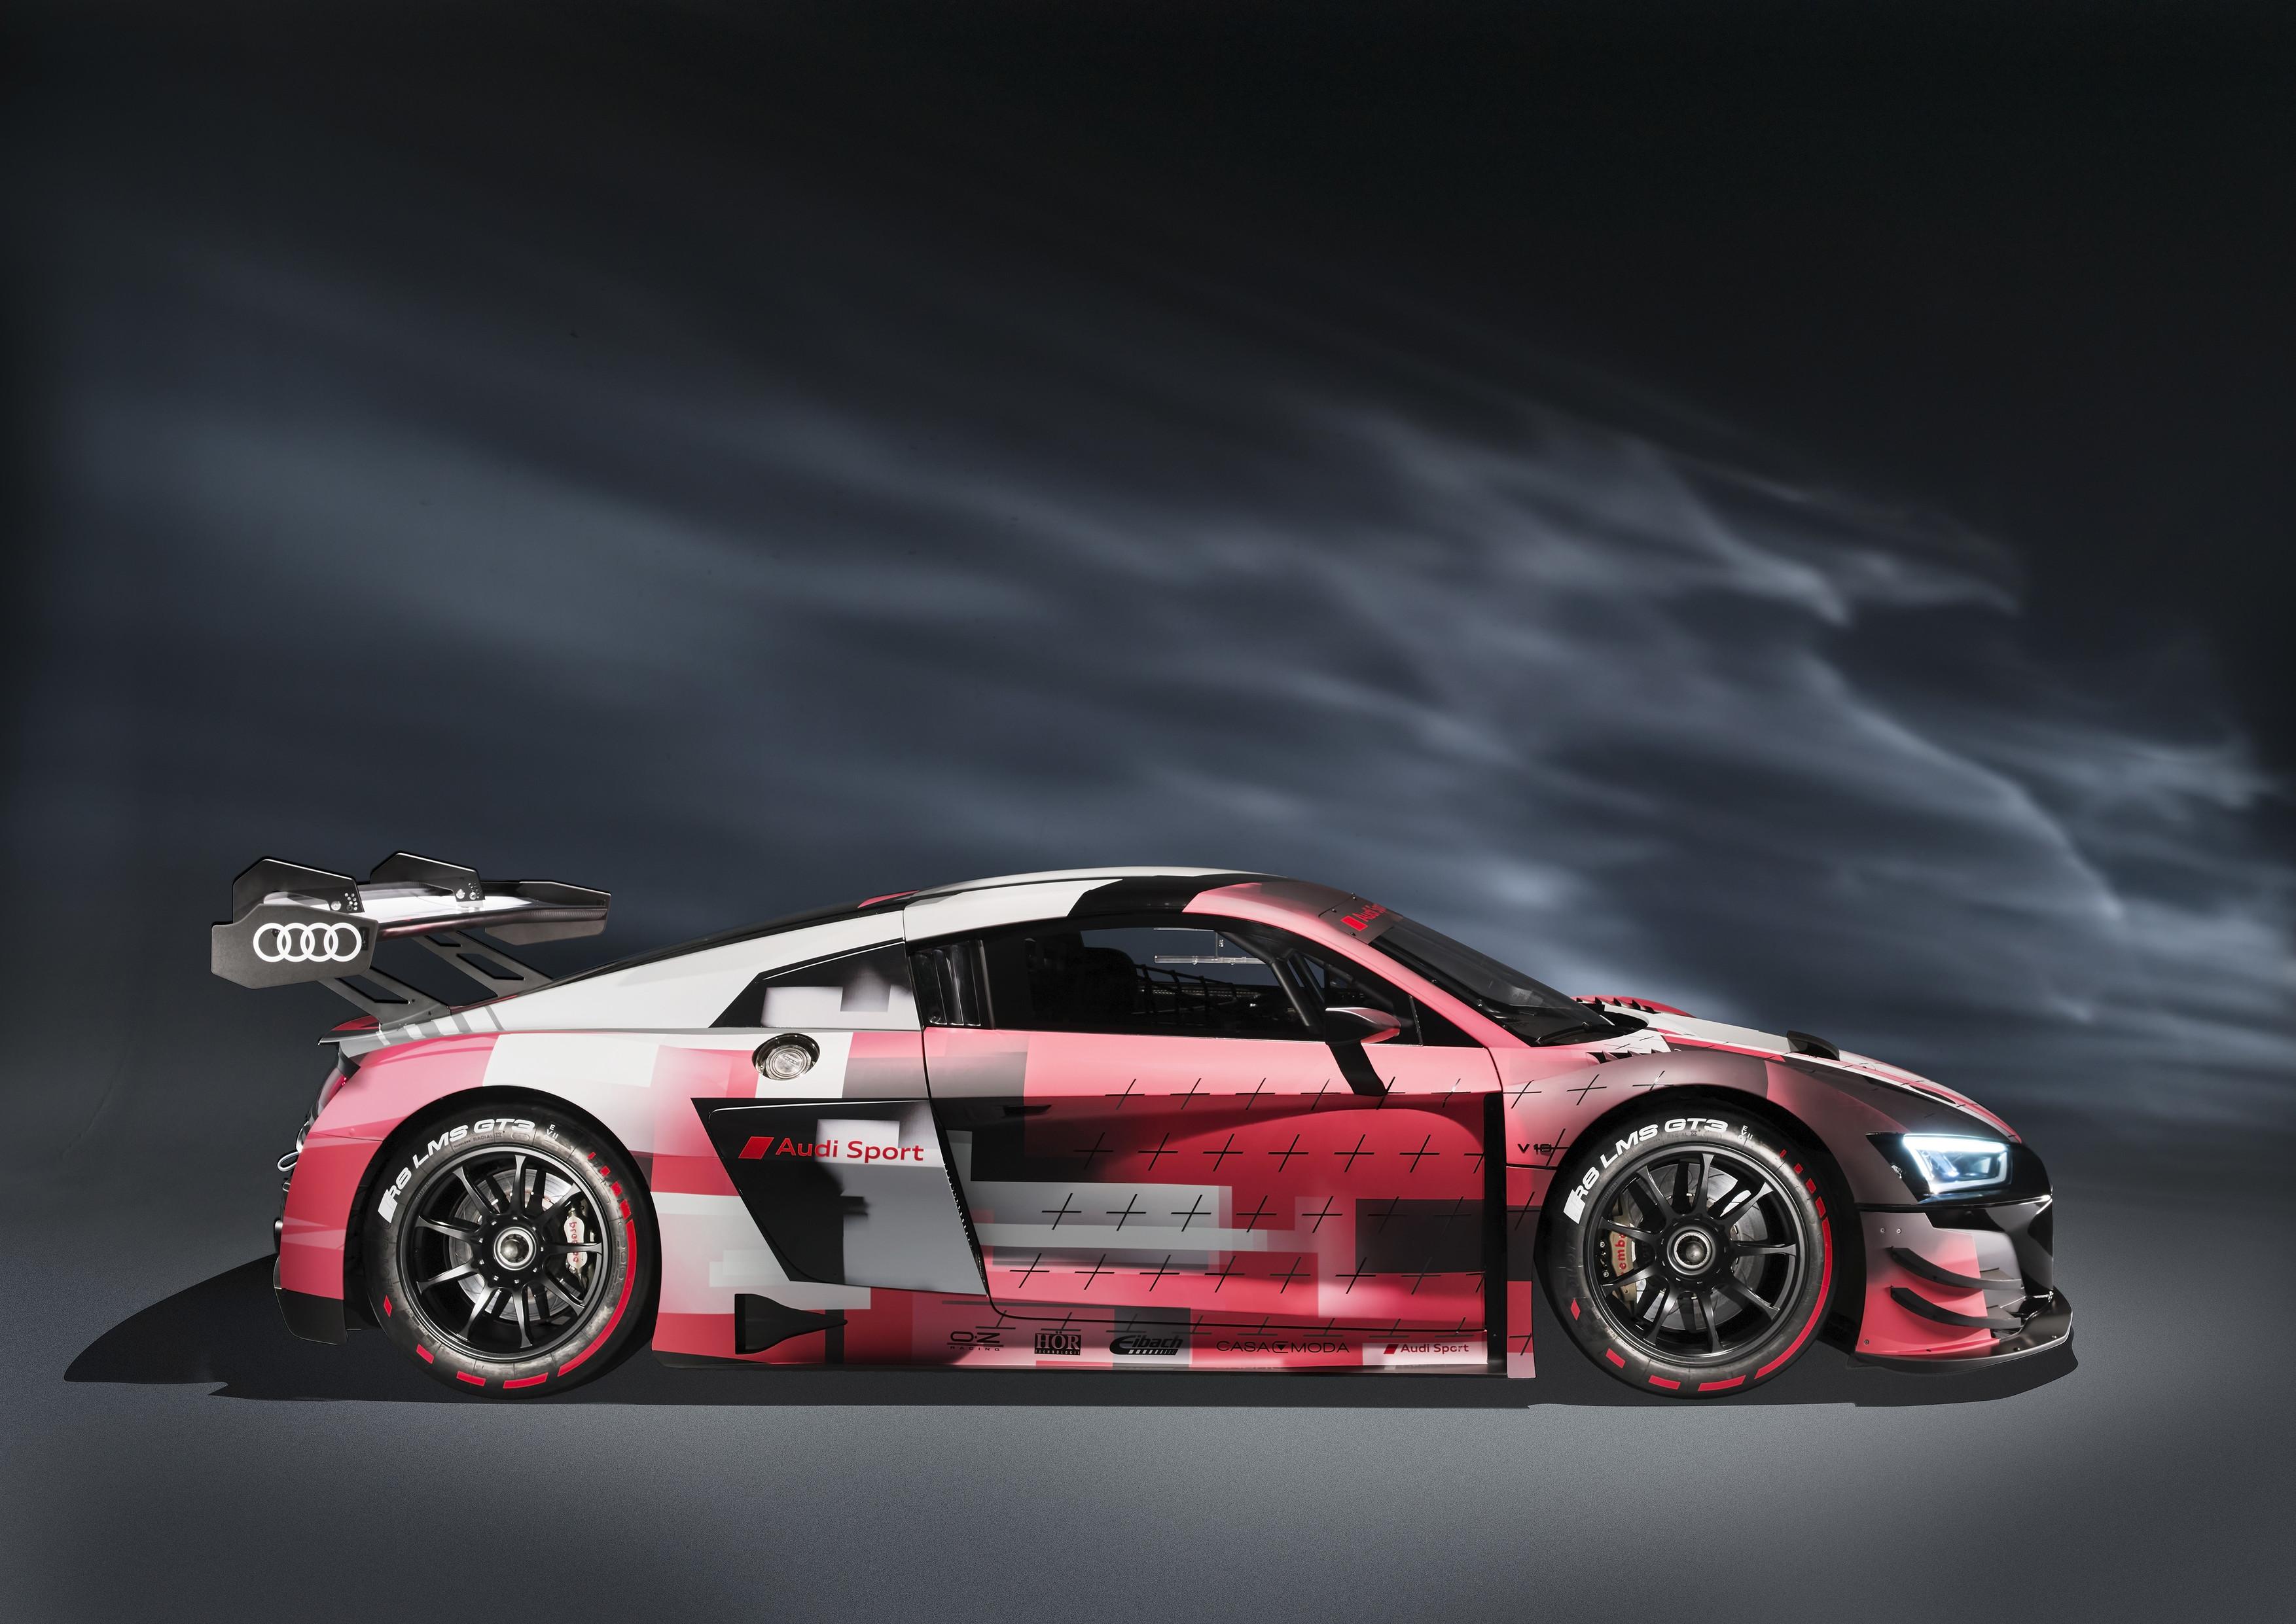 Audi R8 LMS GT3 evo II - Profil